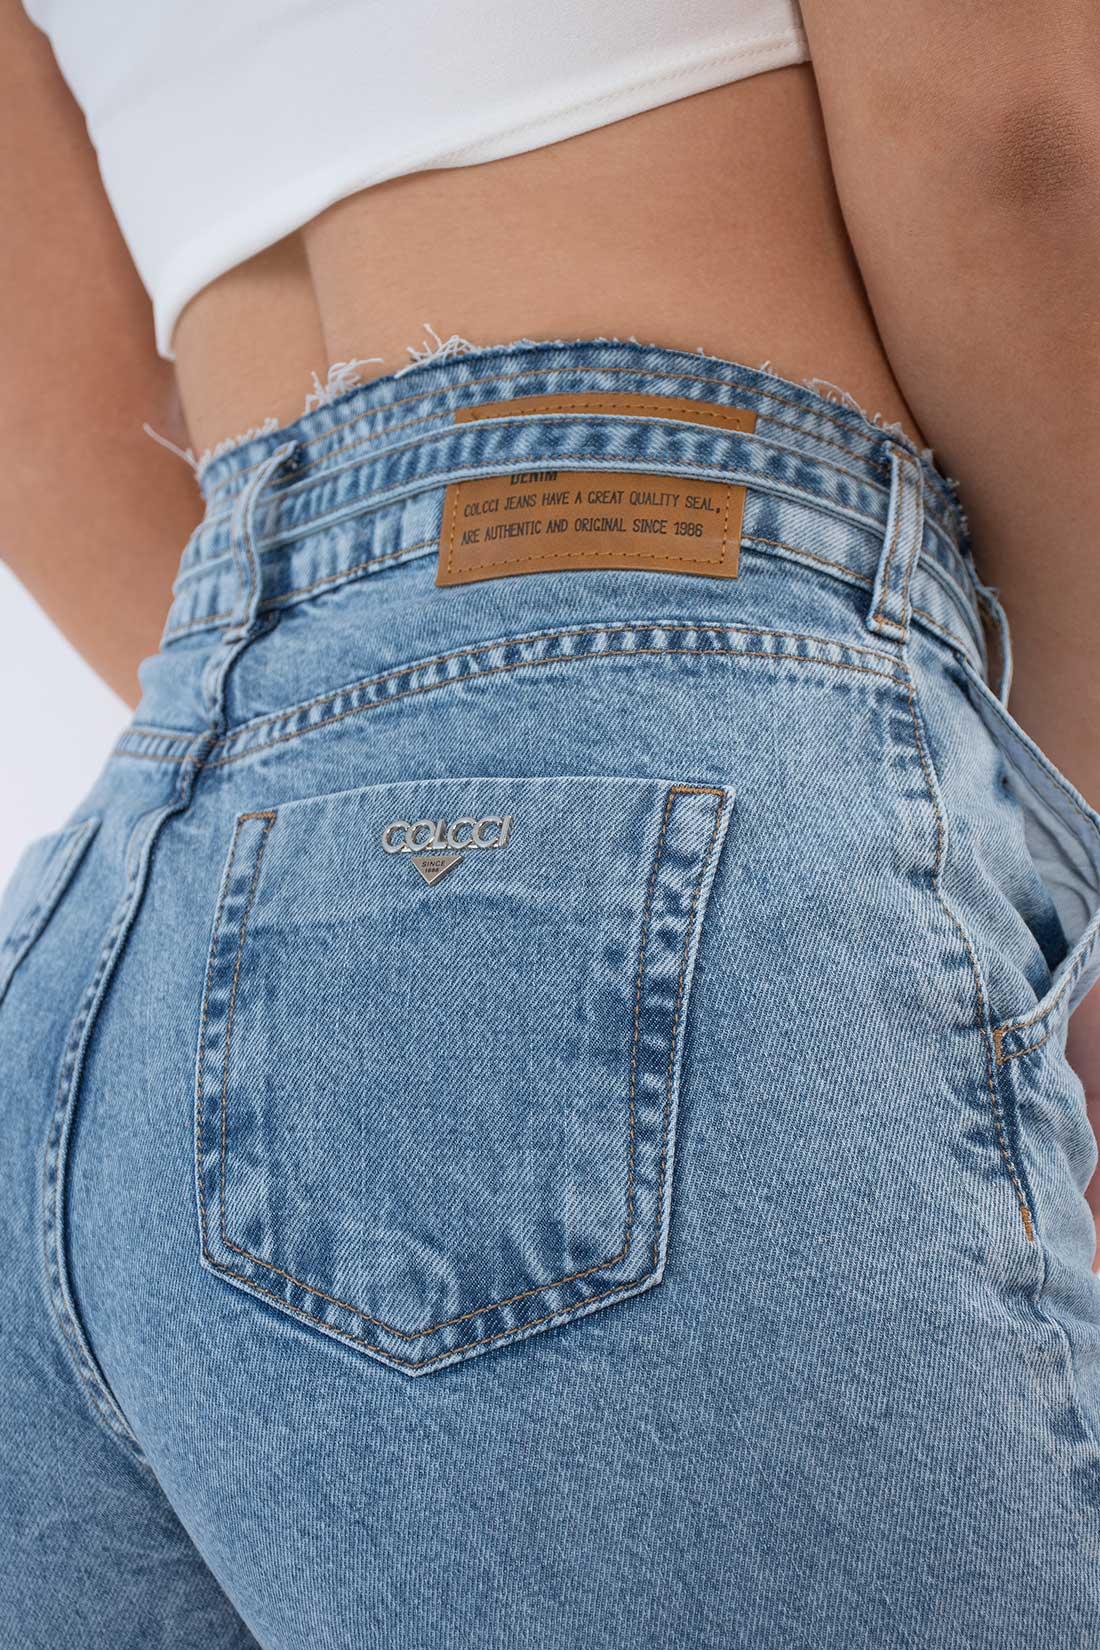 Calca Jeans Colcci Bruna Mom